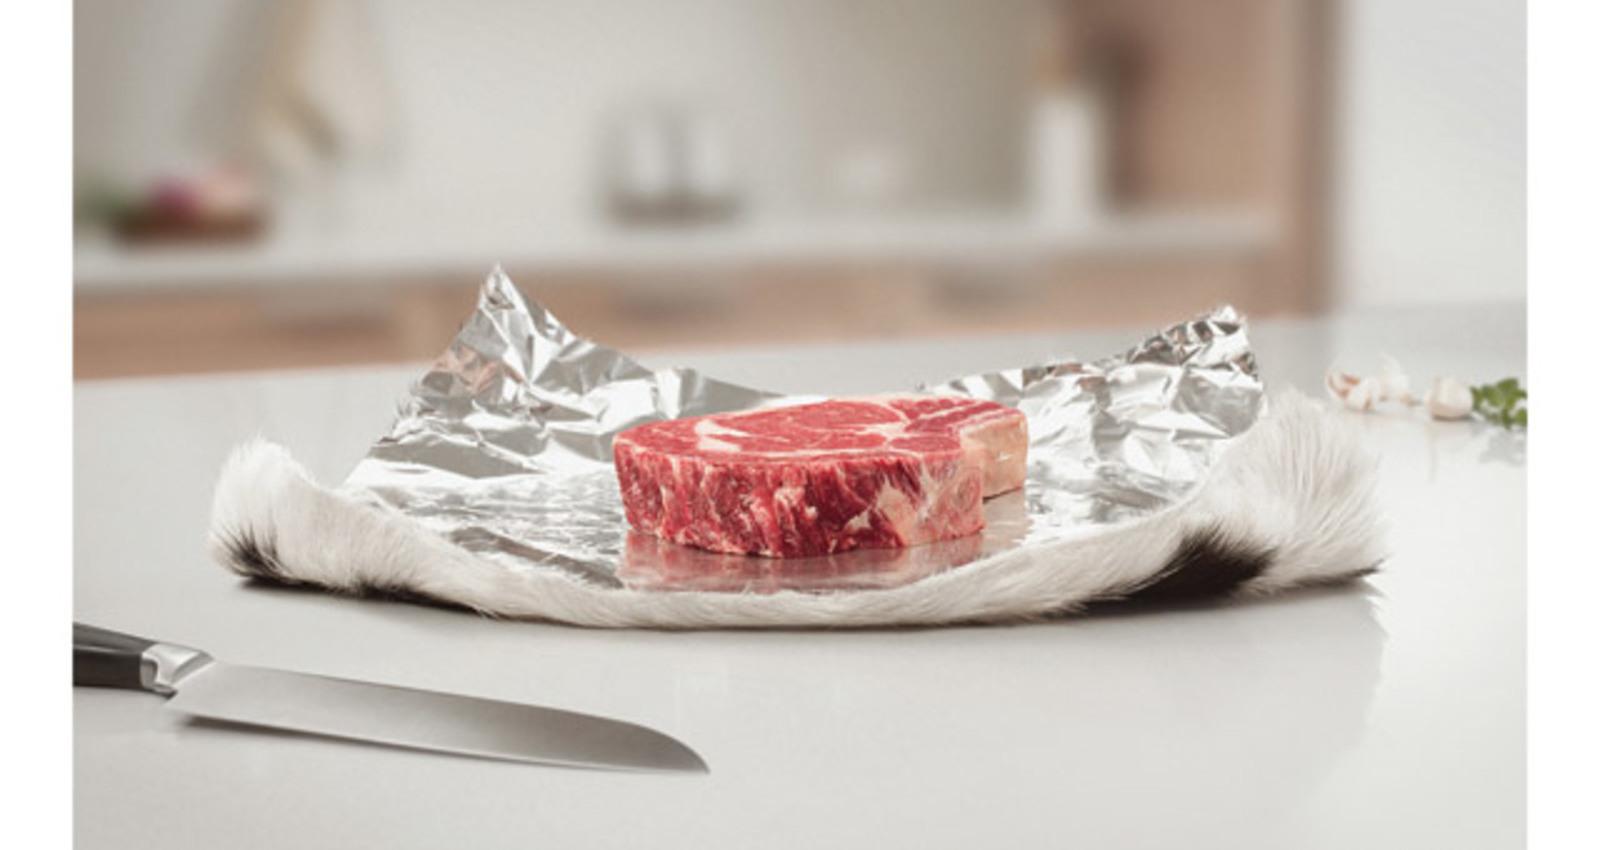 Skin / Meat